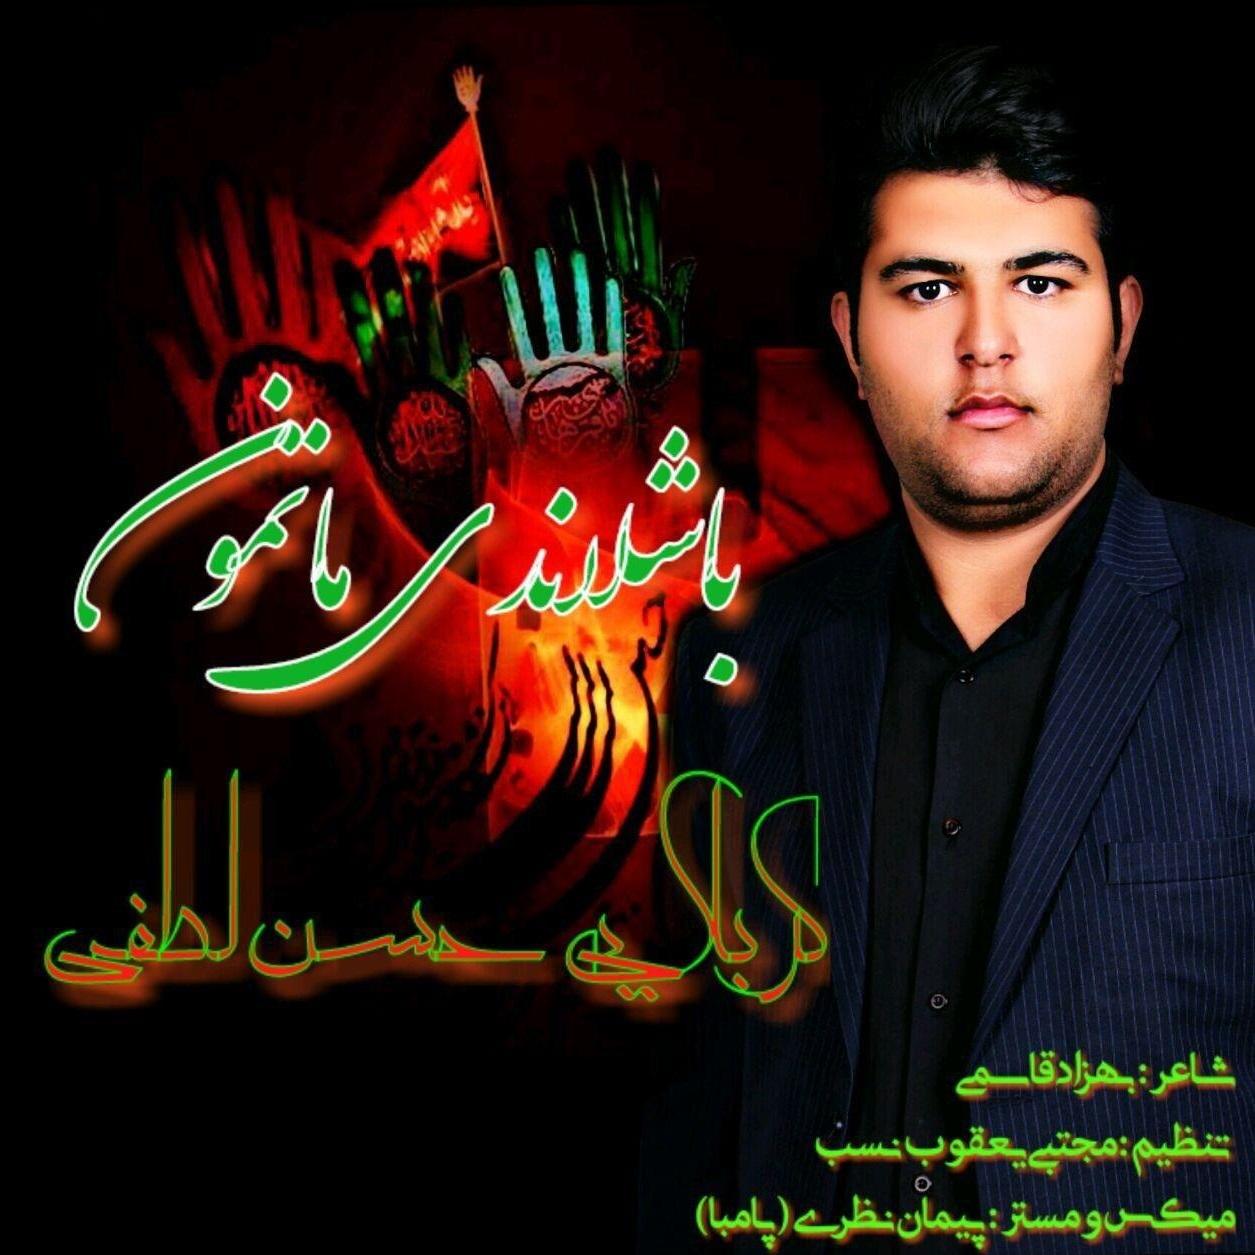 http://s11.picofile.com/file/8407345784/07Hassan_Lotfi_Bashlandi_Matamon.jpg